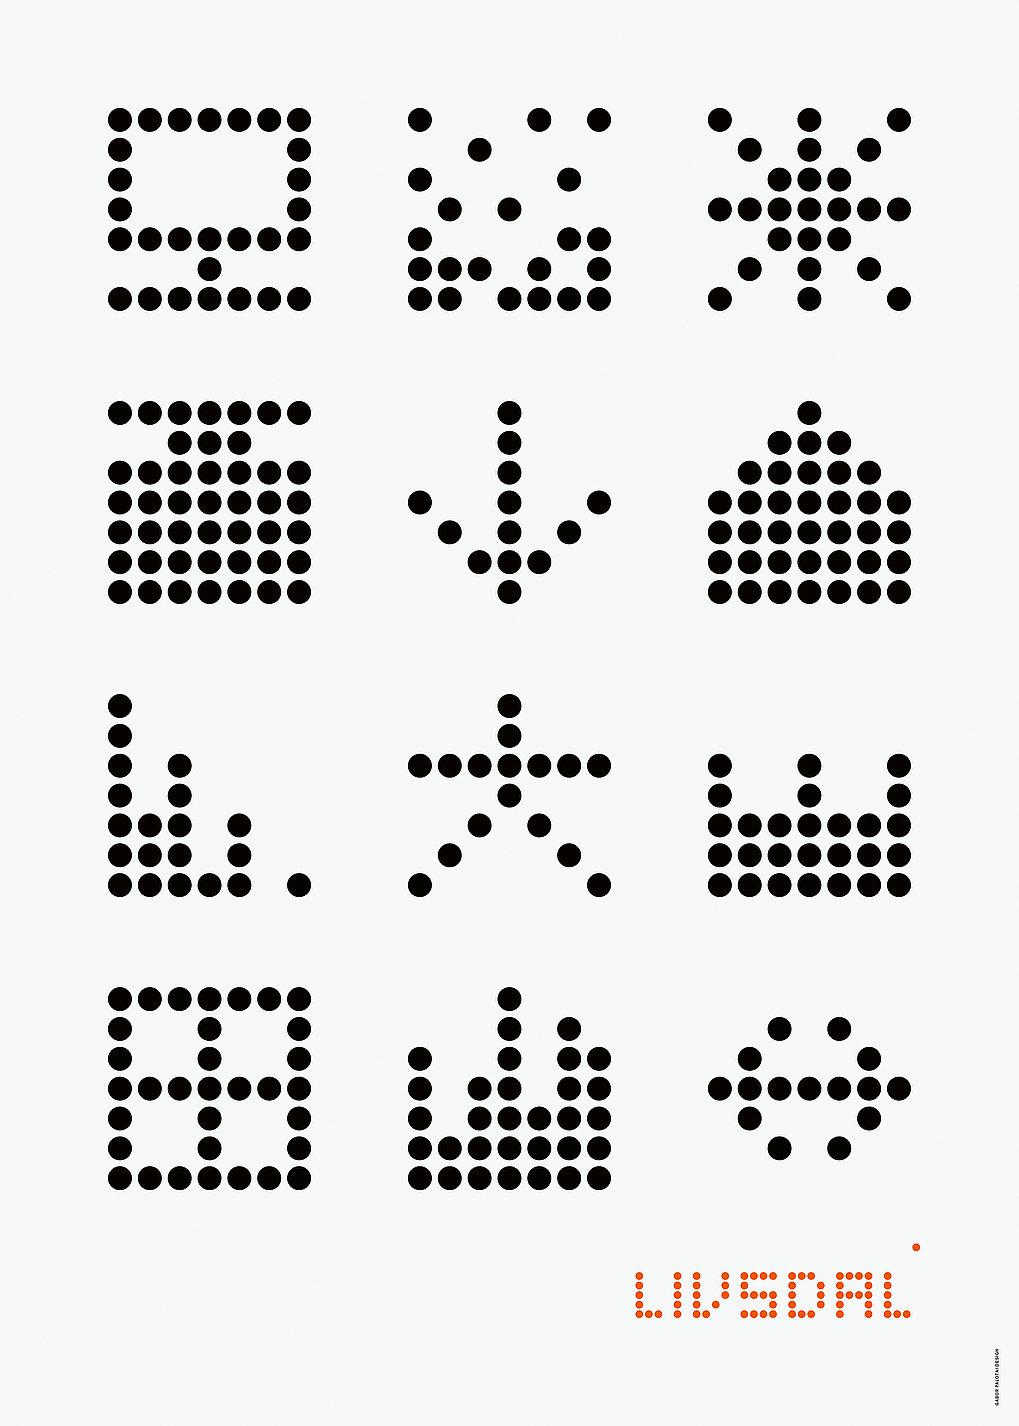 Livsdal | Red Dot Design Award